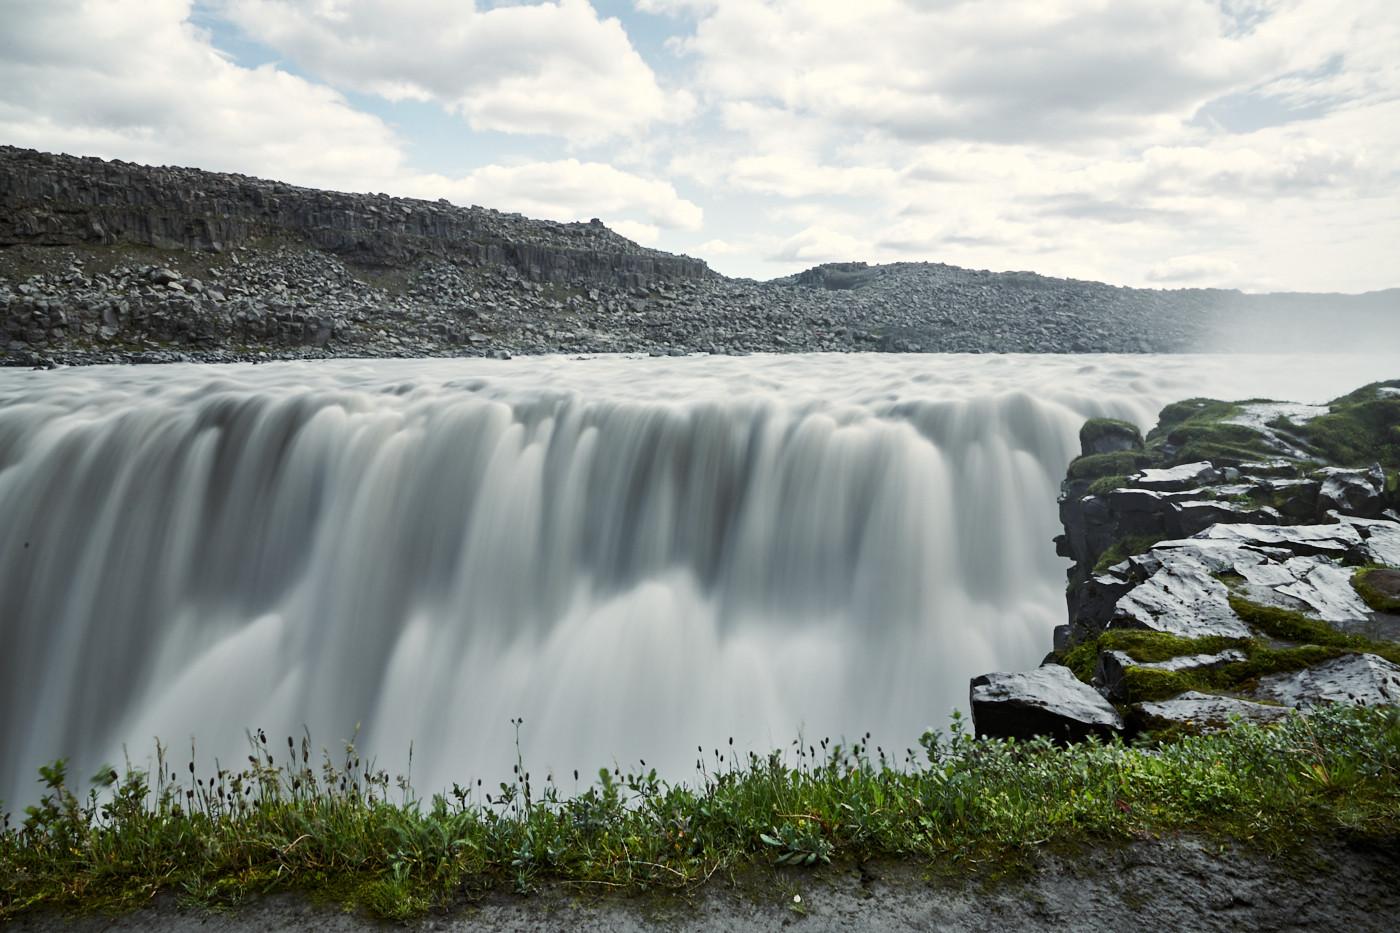 Gigantische Wassermassen, die den Dettifoss Wasserfall in Island hinuntergerissen werden